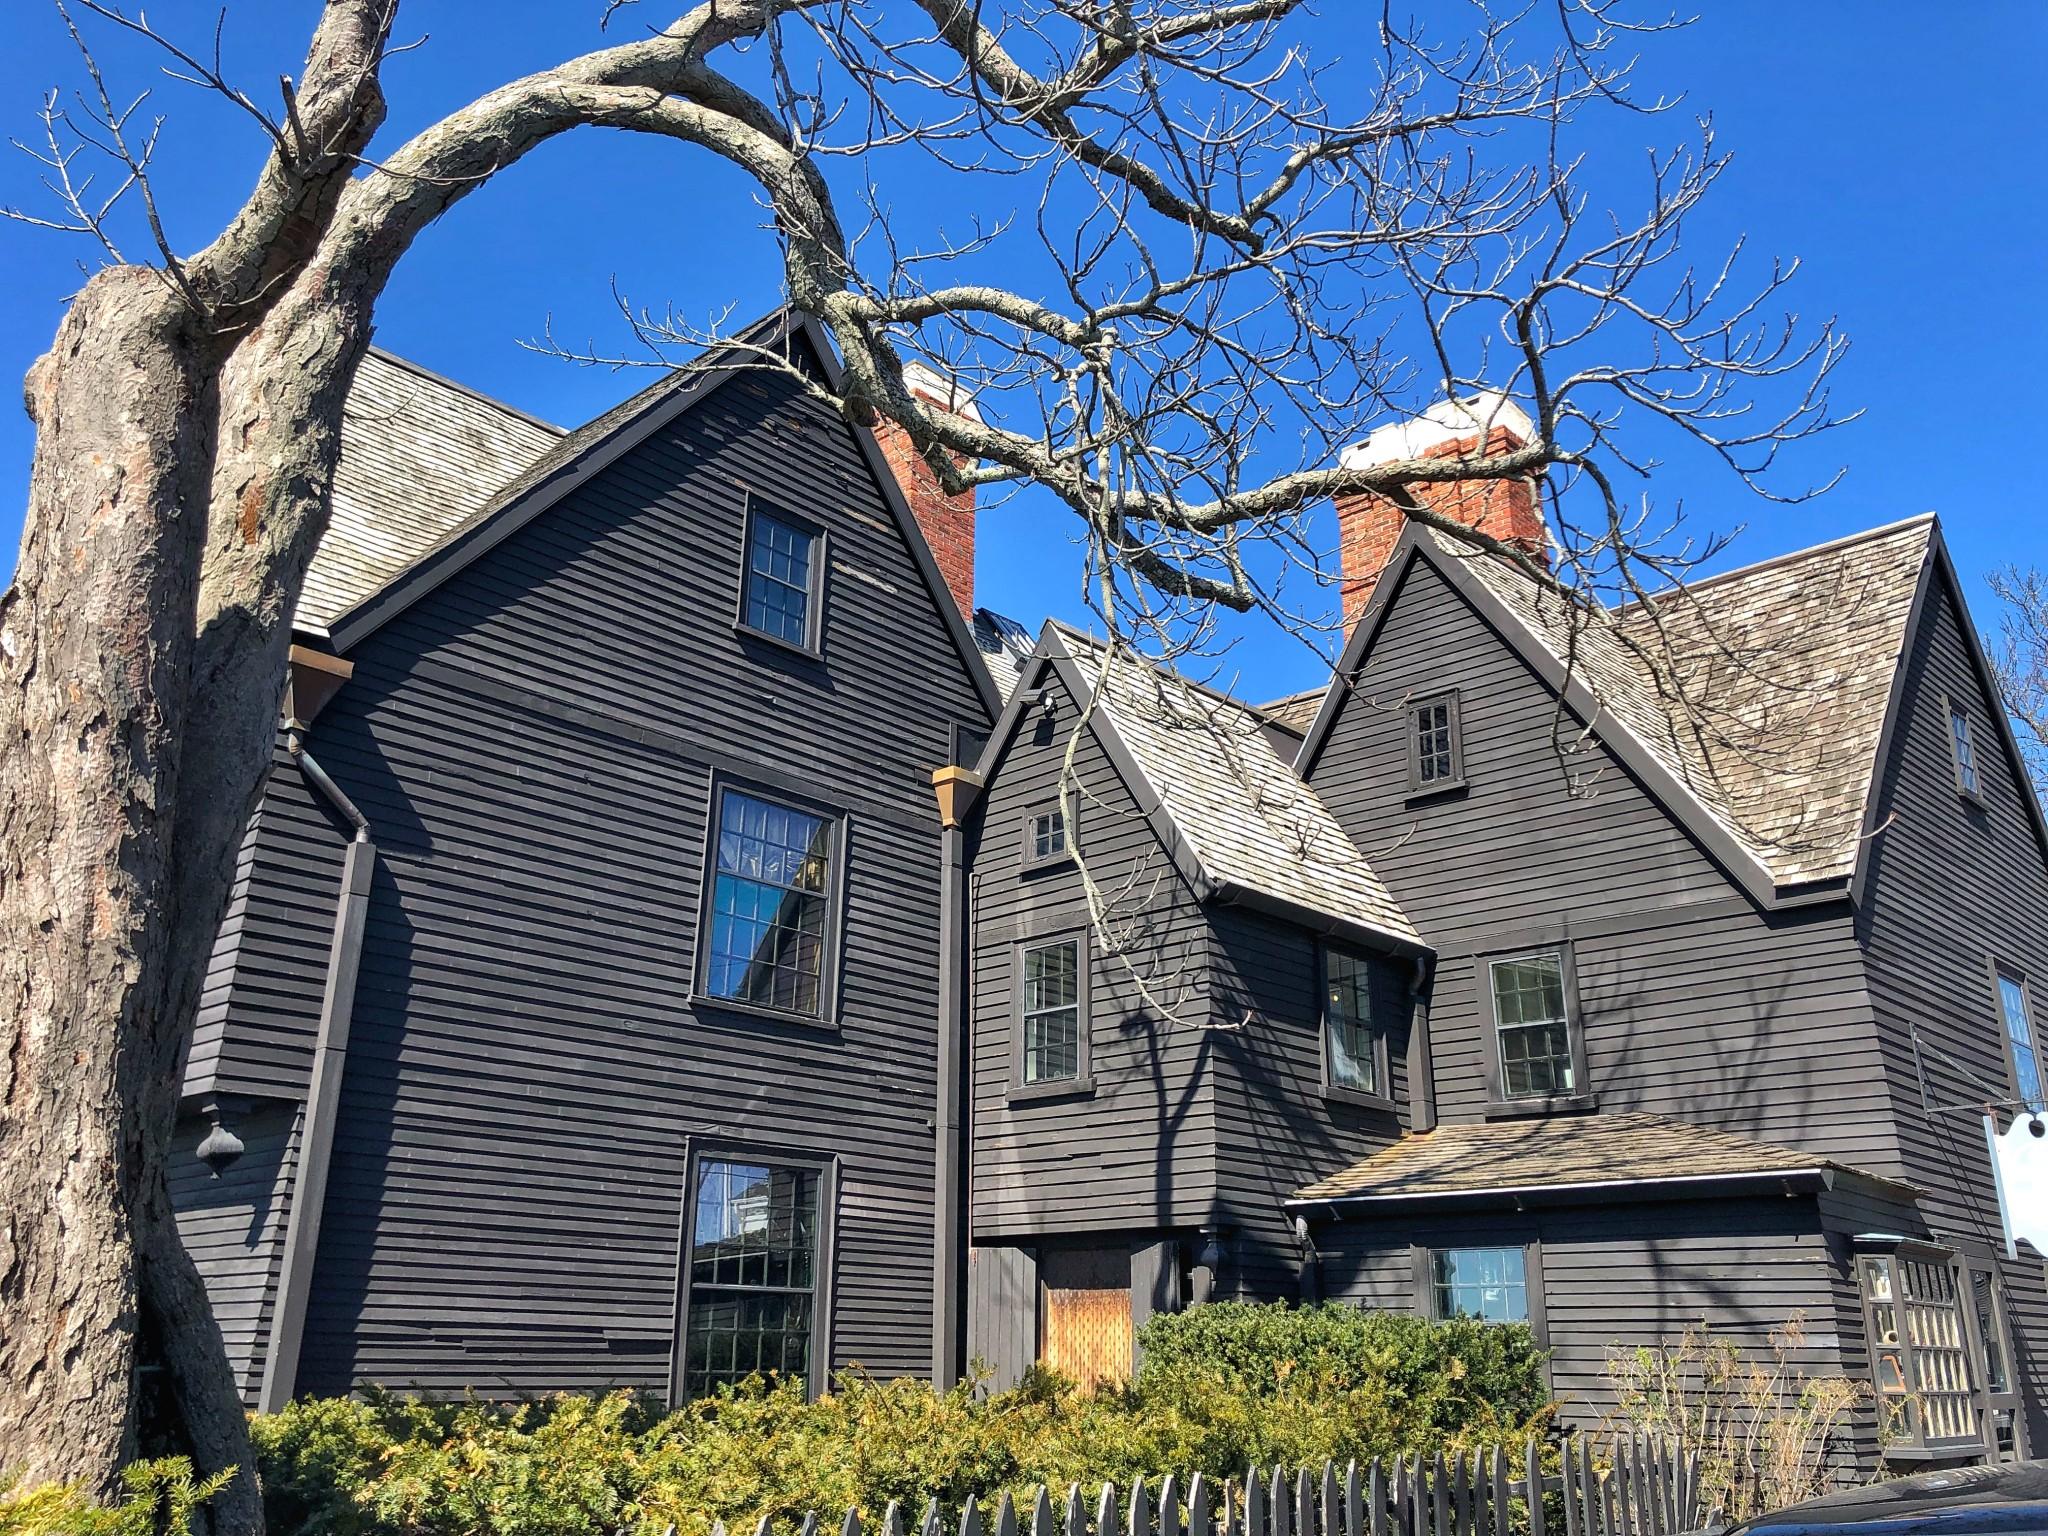 house of seven gables, salem, massachusetts, the-alyst.com